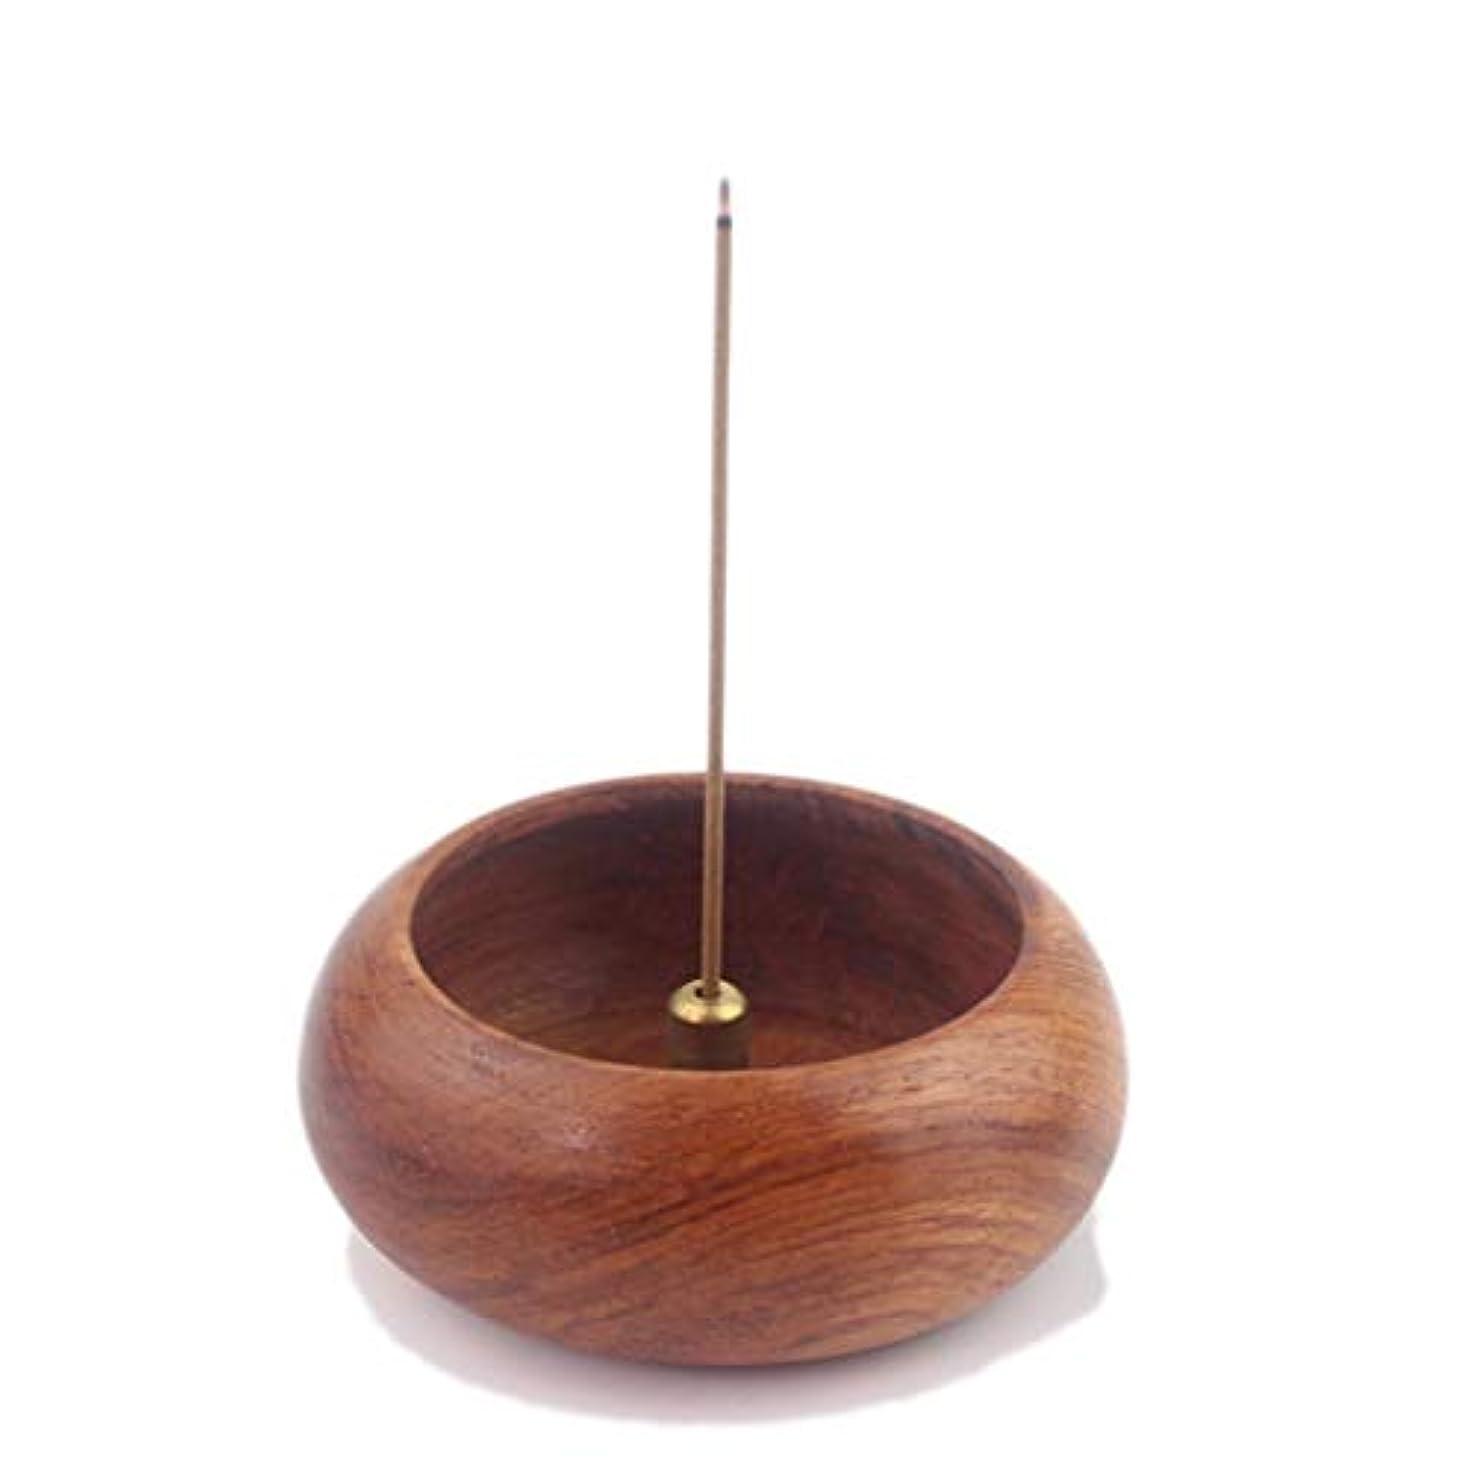 意識慣らす雨のローズウッドボウル型の香炉ホルダーホーム&キッチン炉香ホルダー装飾香スティックコーンバーナーホルダー (Color : Wood, サイズ : 2.44*0.94inches)